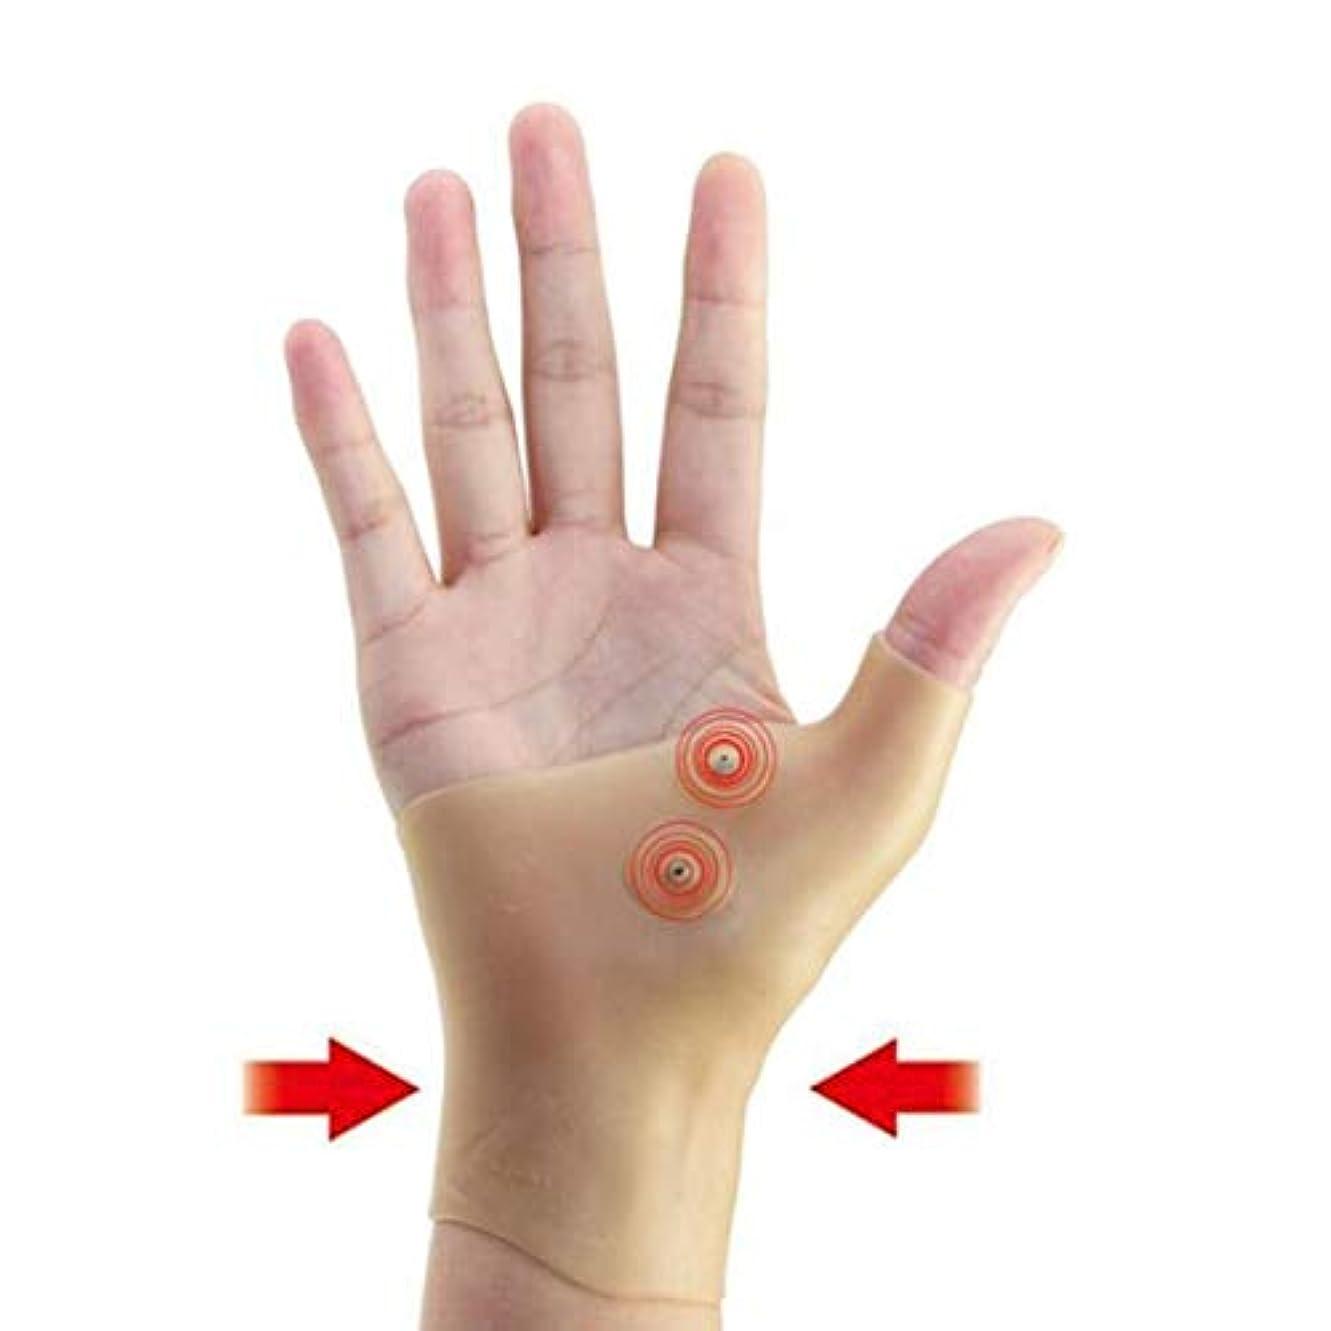 メロンピストンテクニカル磁気療法手首手親指サポート手袋シリコーンゲル関節炎圧力矯正器マッサージ痛み緩和手袋 - 肌の色